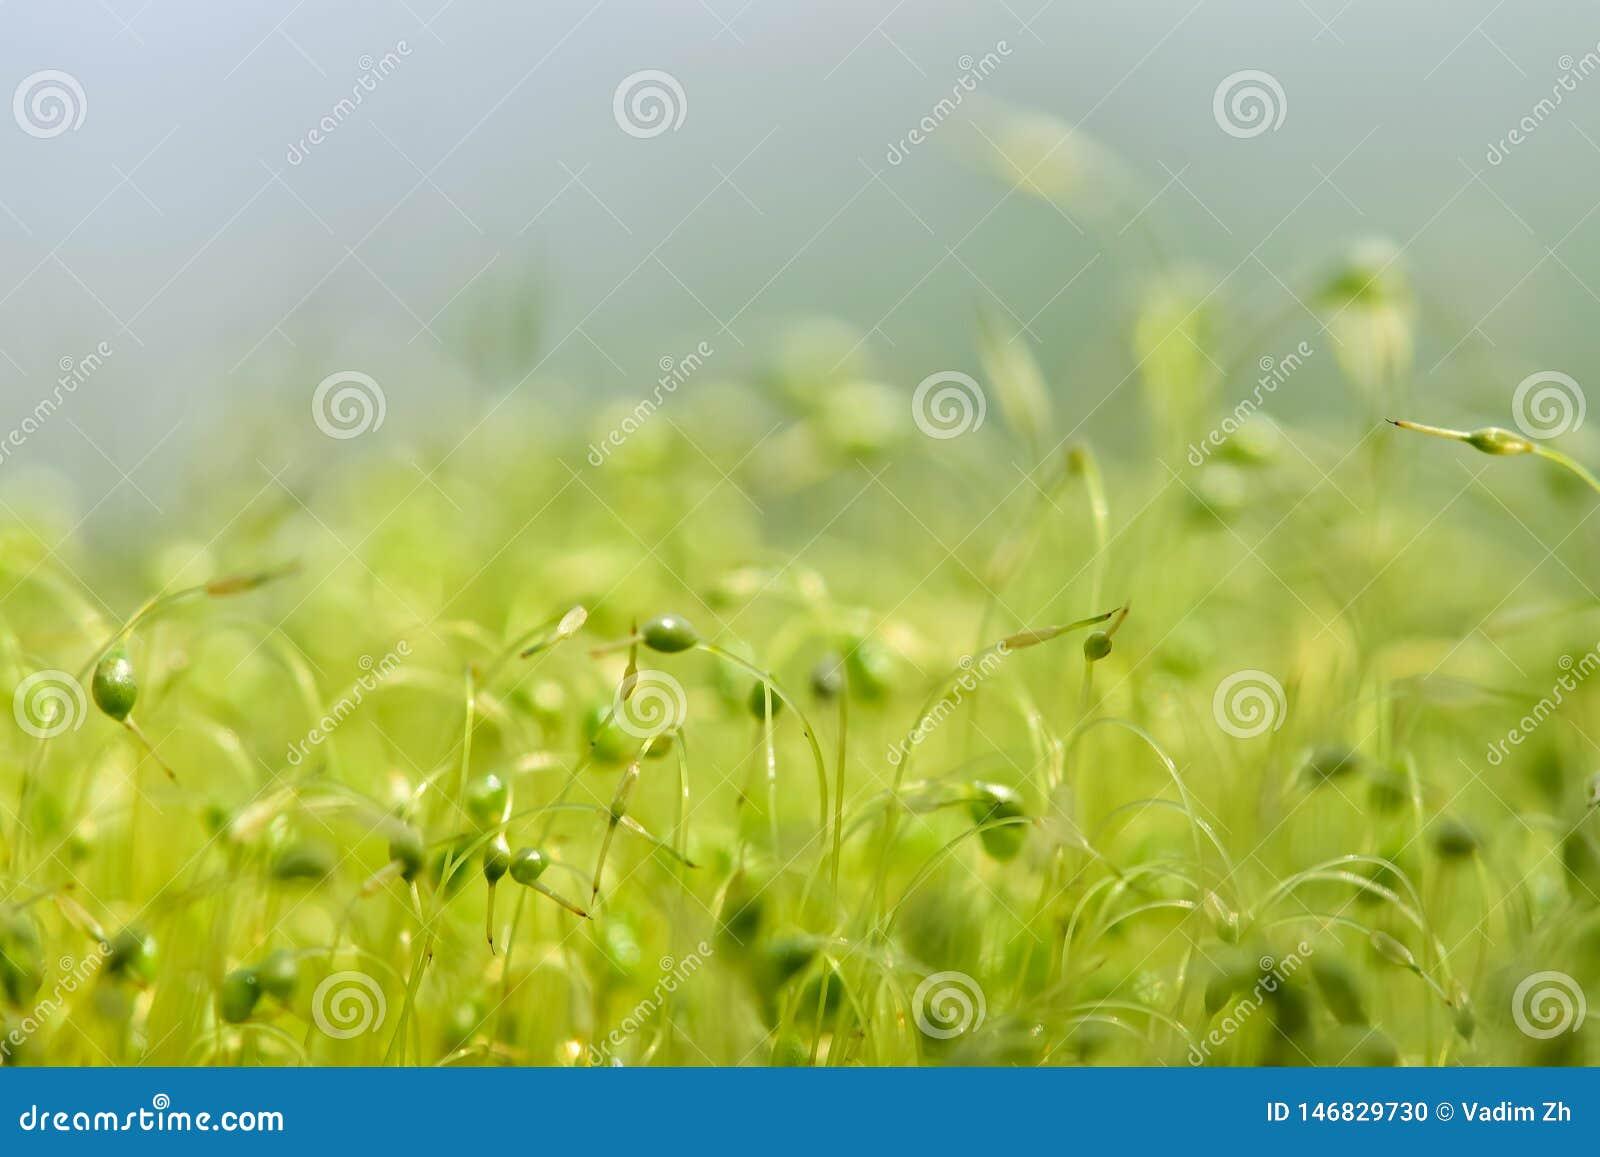 Zacht geconcentreerd die close-up van groene moszaden wordt geschoten met bokeh, vaag het glanzen licht